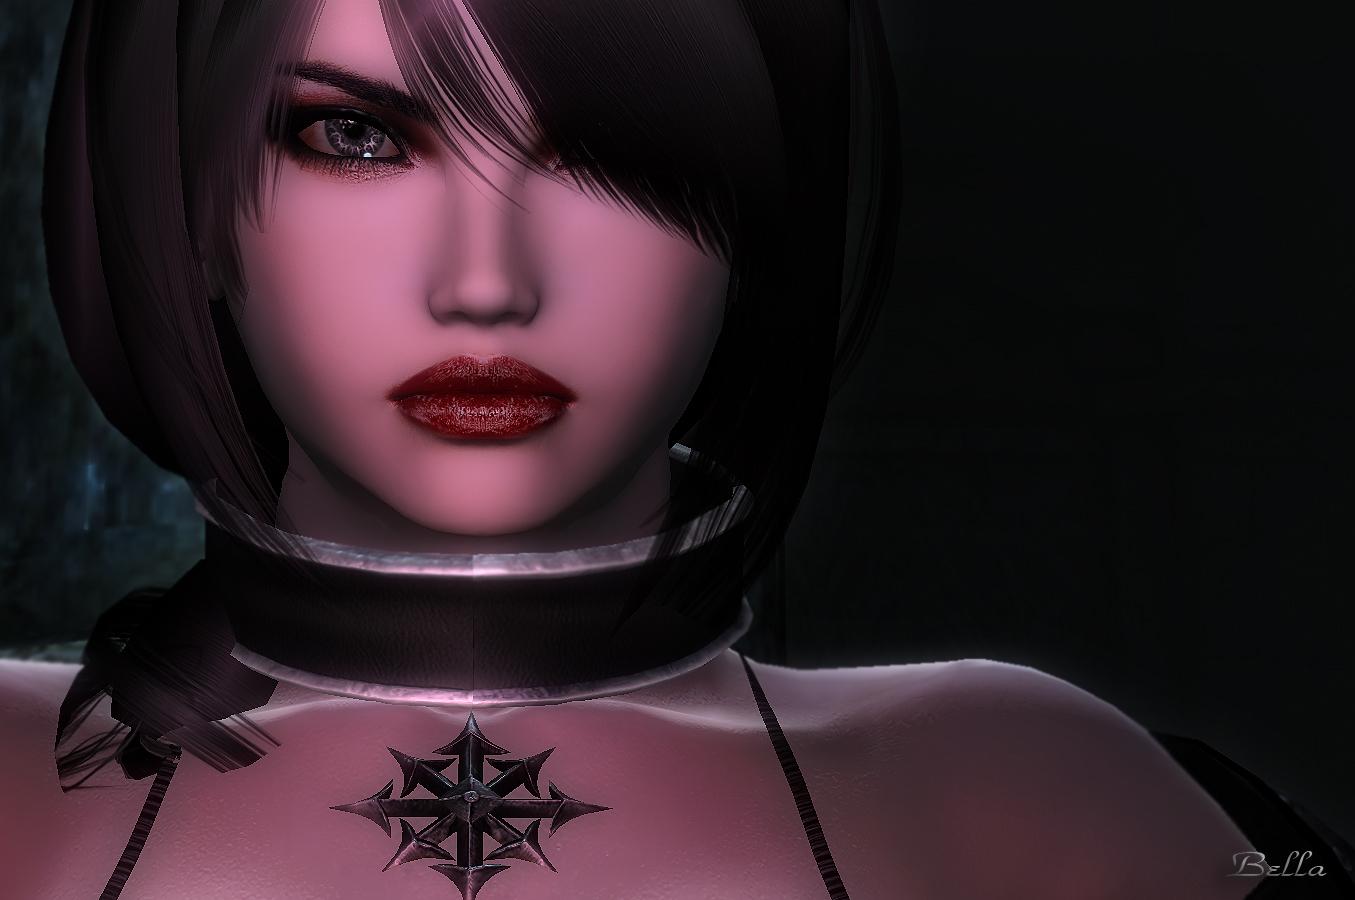 Vampire Race Reloaded - Elder Scrolls Oblivion Images